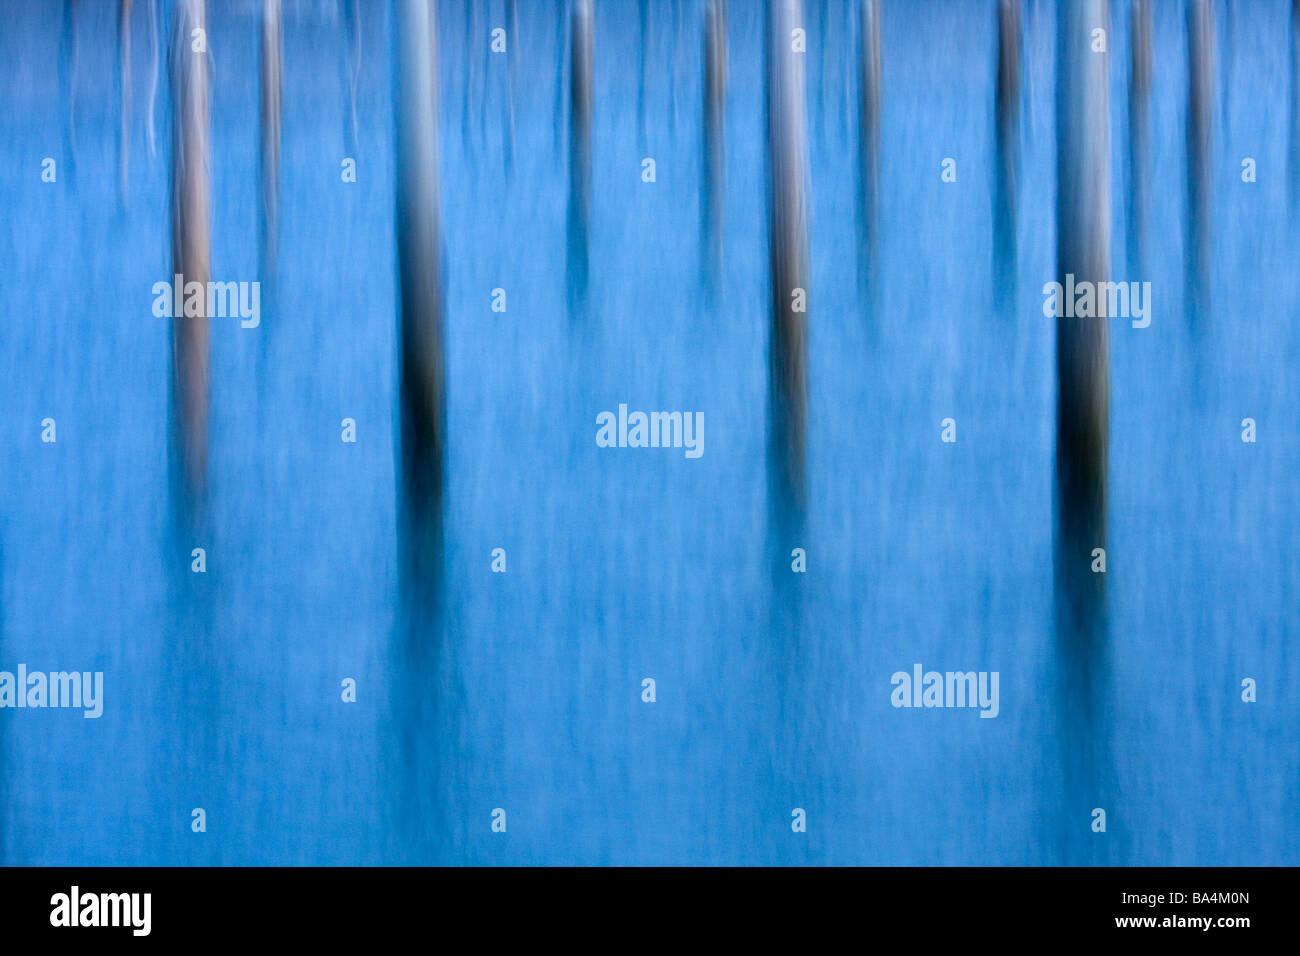 Image abstraite de jetées dans l'eau Photo Stock